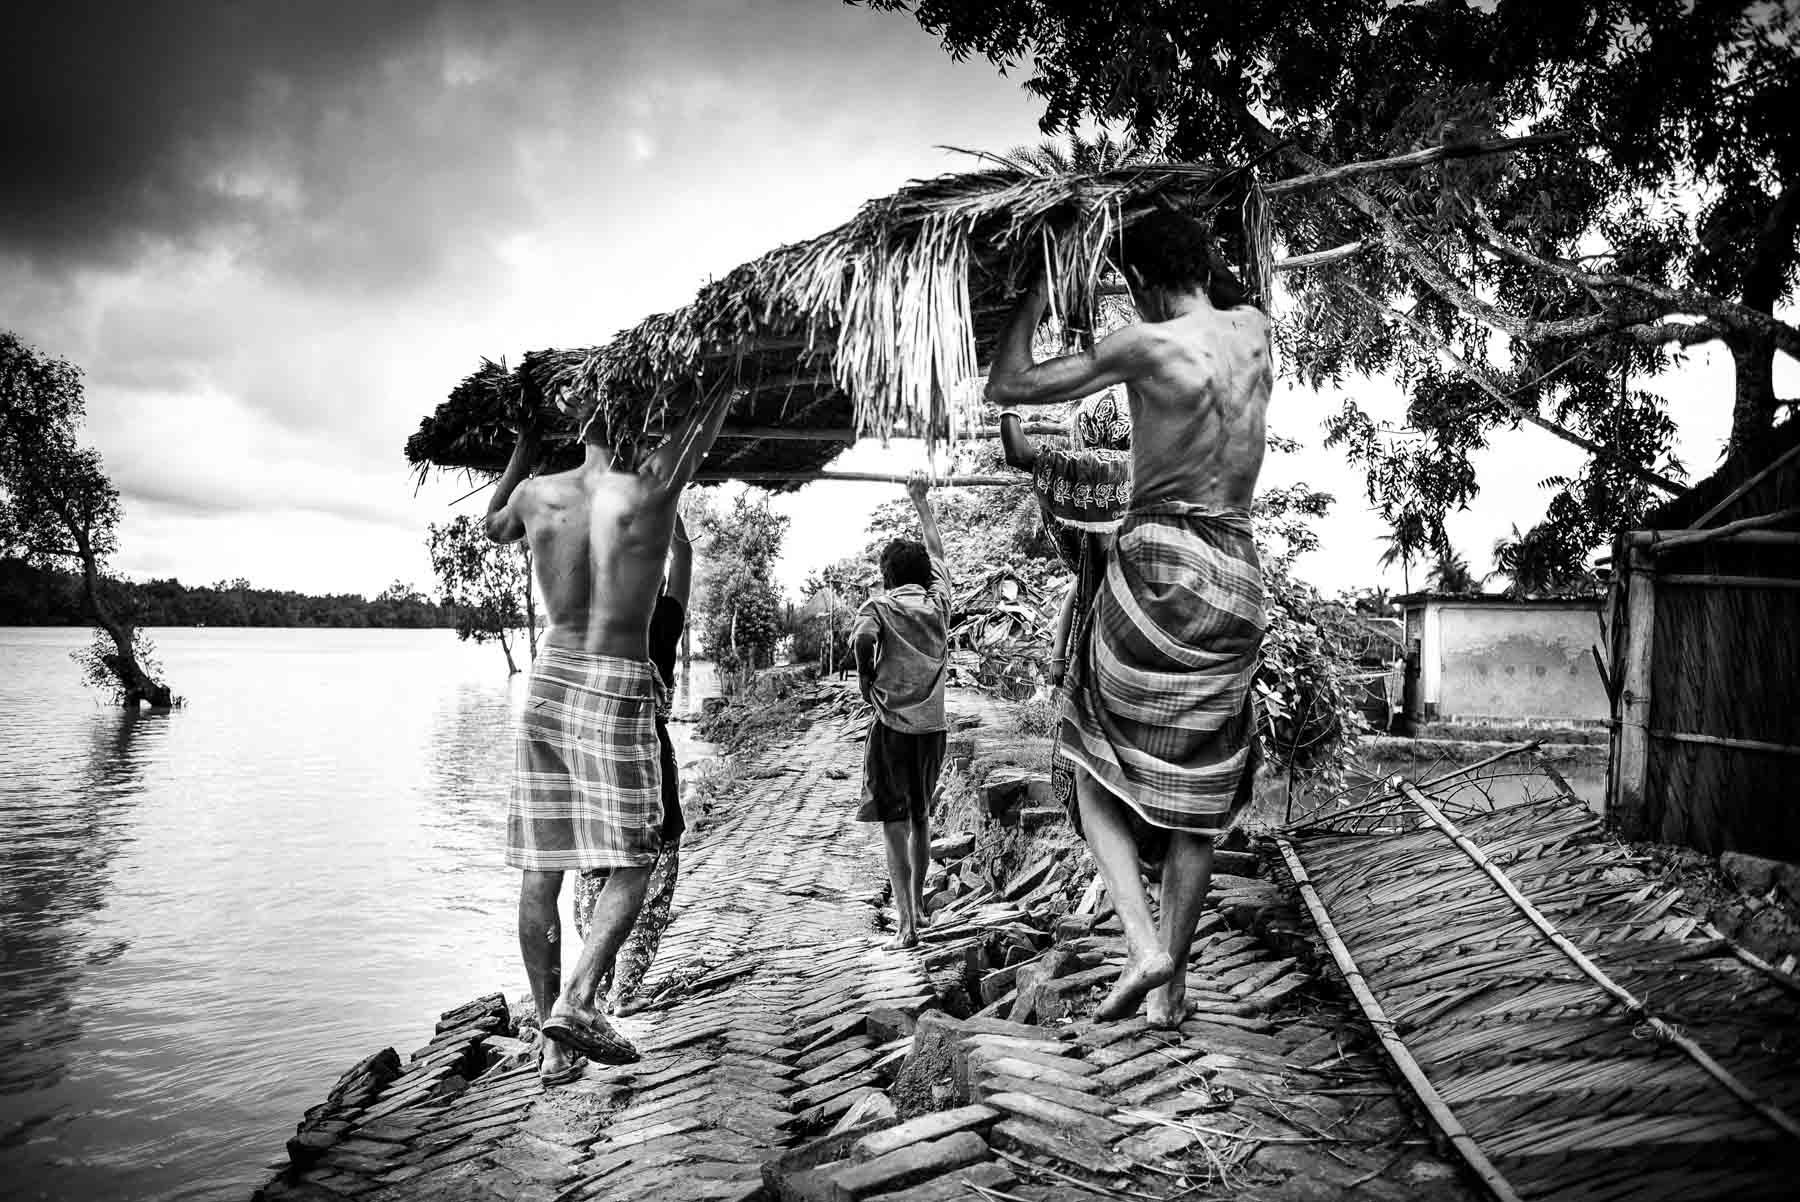 Jules_toulet_bangladesh-26